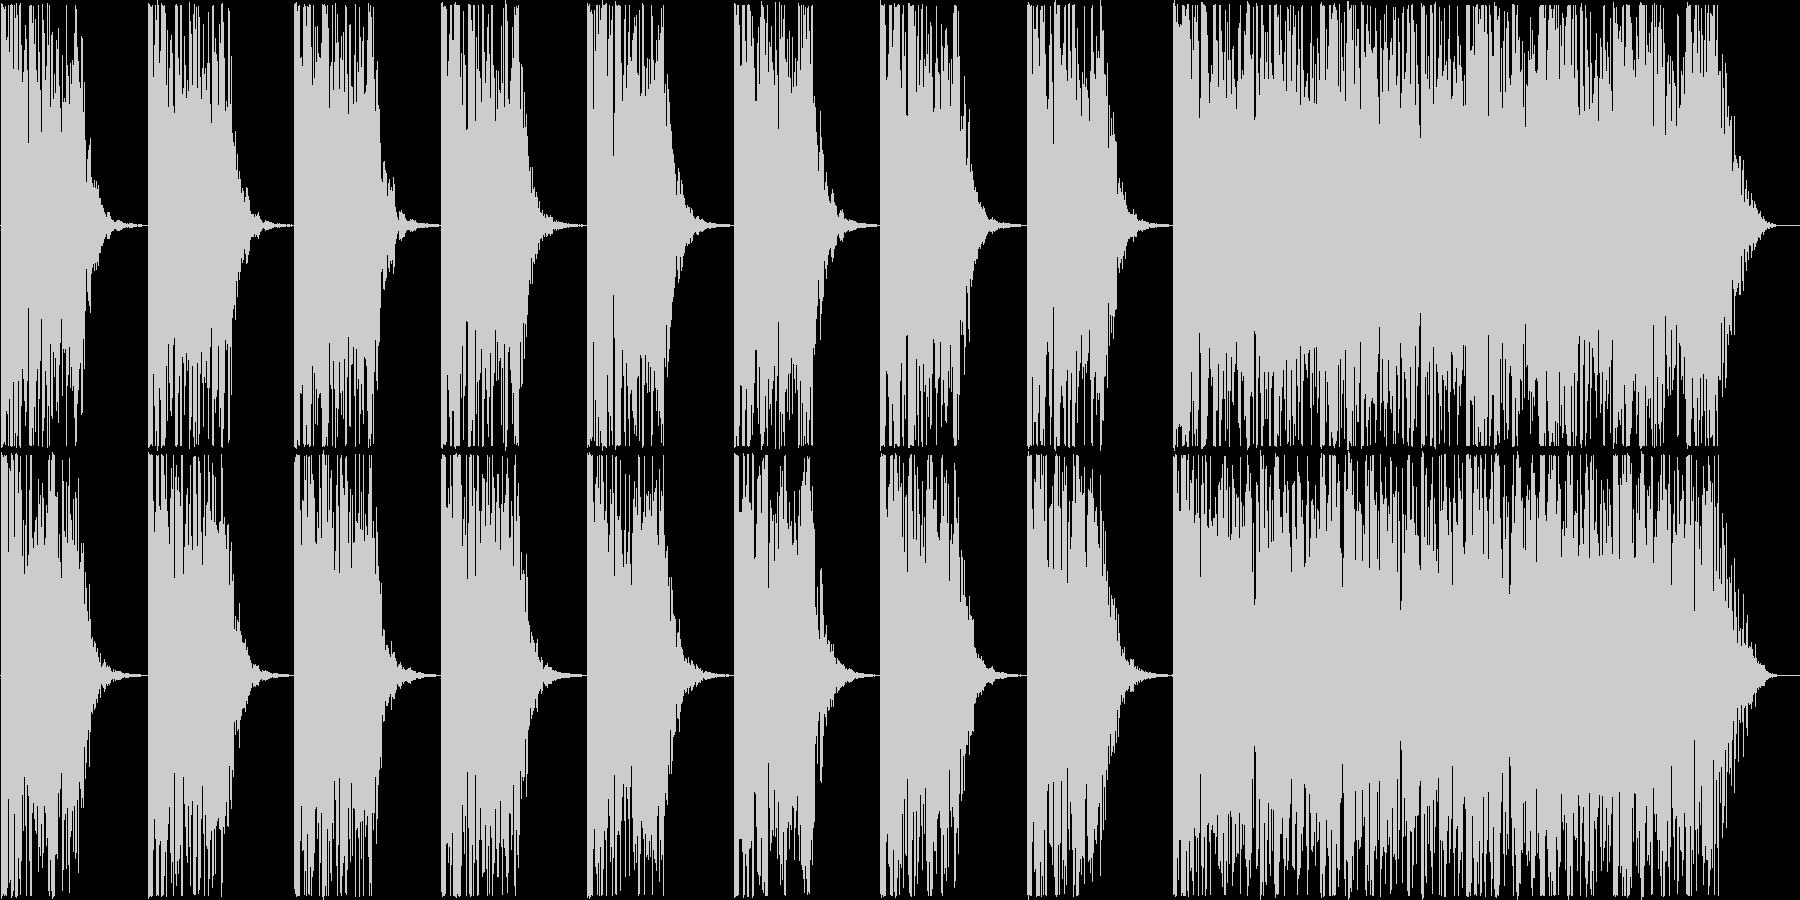 打楽器 BPM=100の未再生の波形